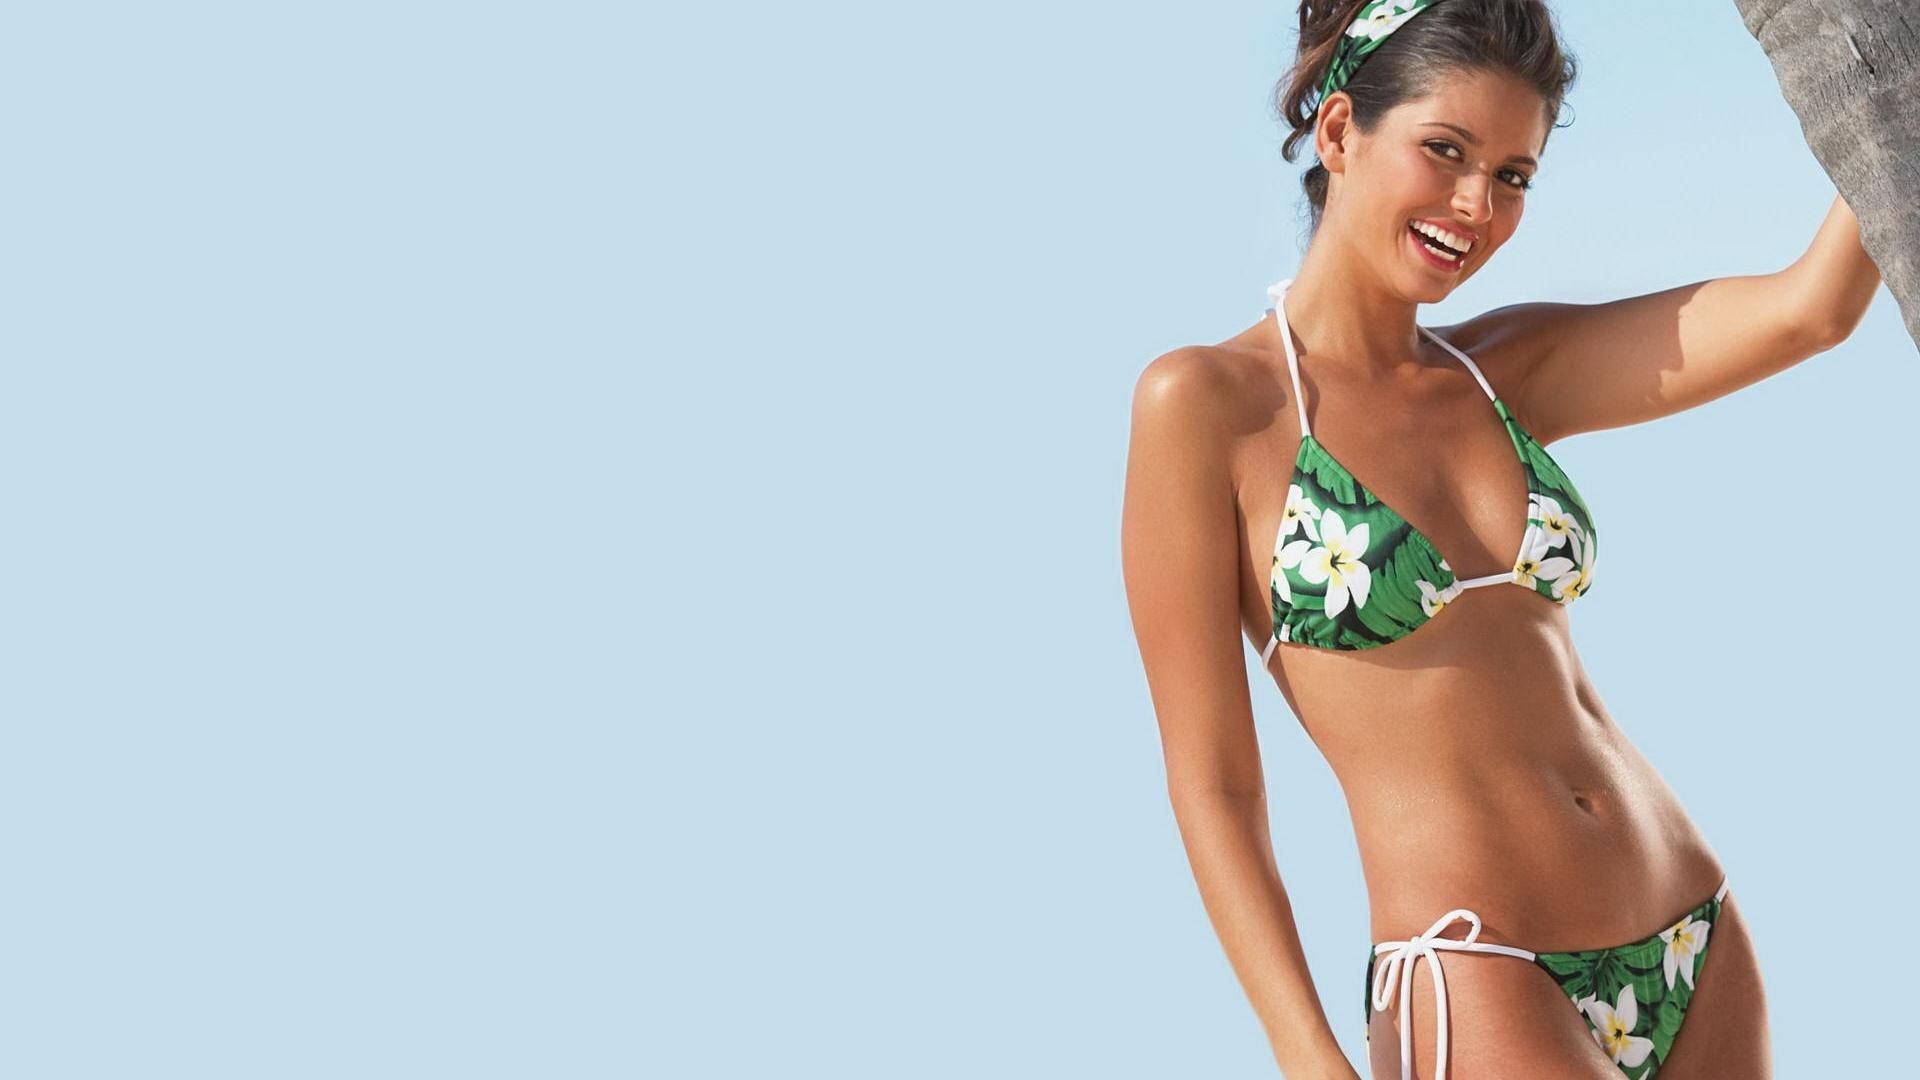 bikini woman desktop wallpaper 63459 1920x1080 px